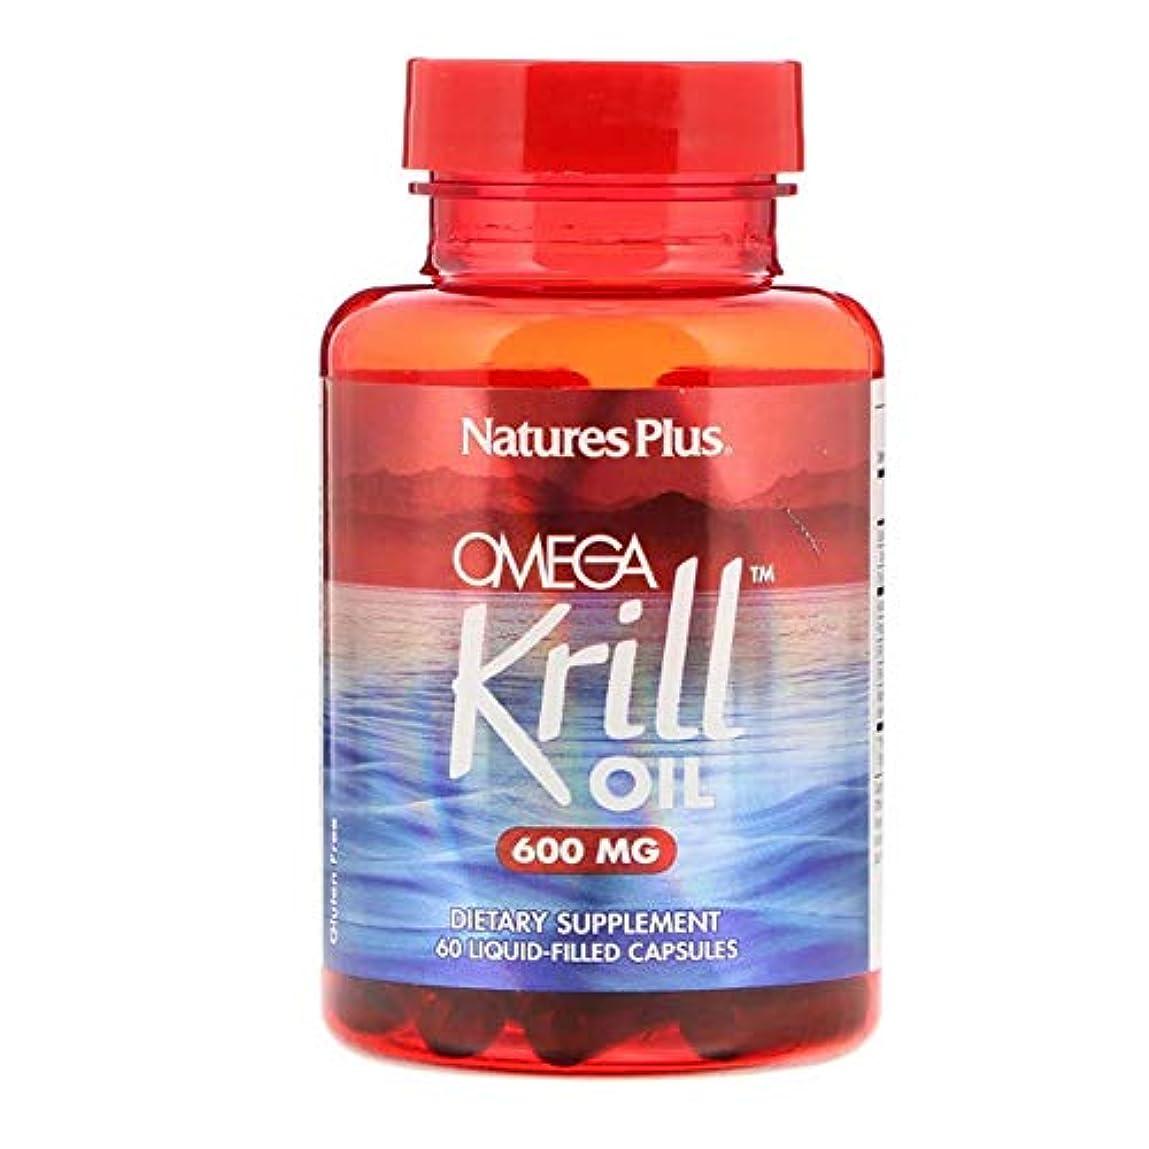 鉛筆流用する図Nature's Plus オメガ クリルオイル 600 mg 60 液体カプセル 【アメリカ直送】